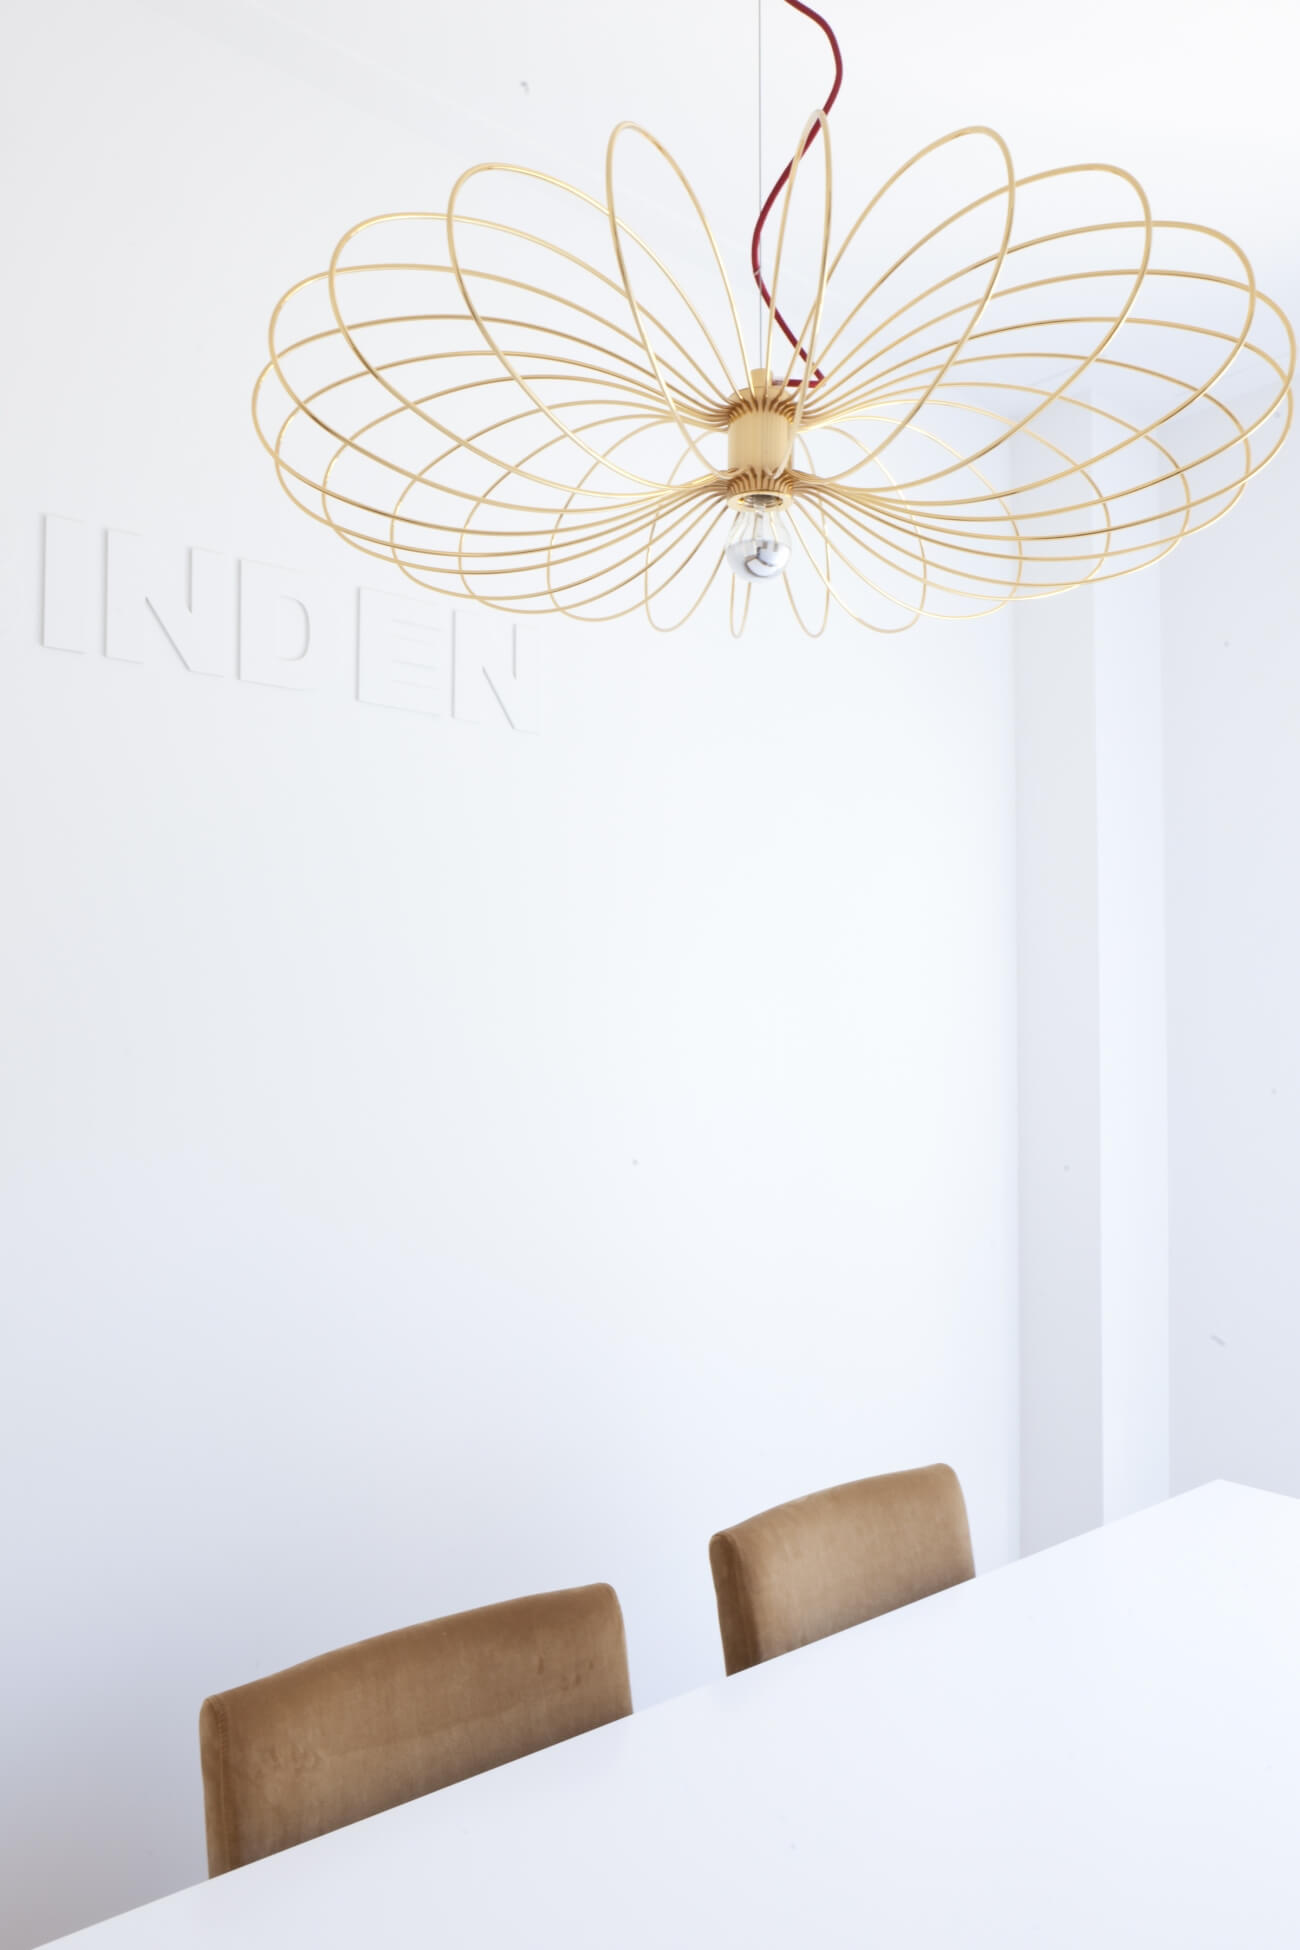 Flying Spider ontworpen door Autoban en geproduceerd door De La Espada toegepast in project van Blue Fabric